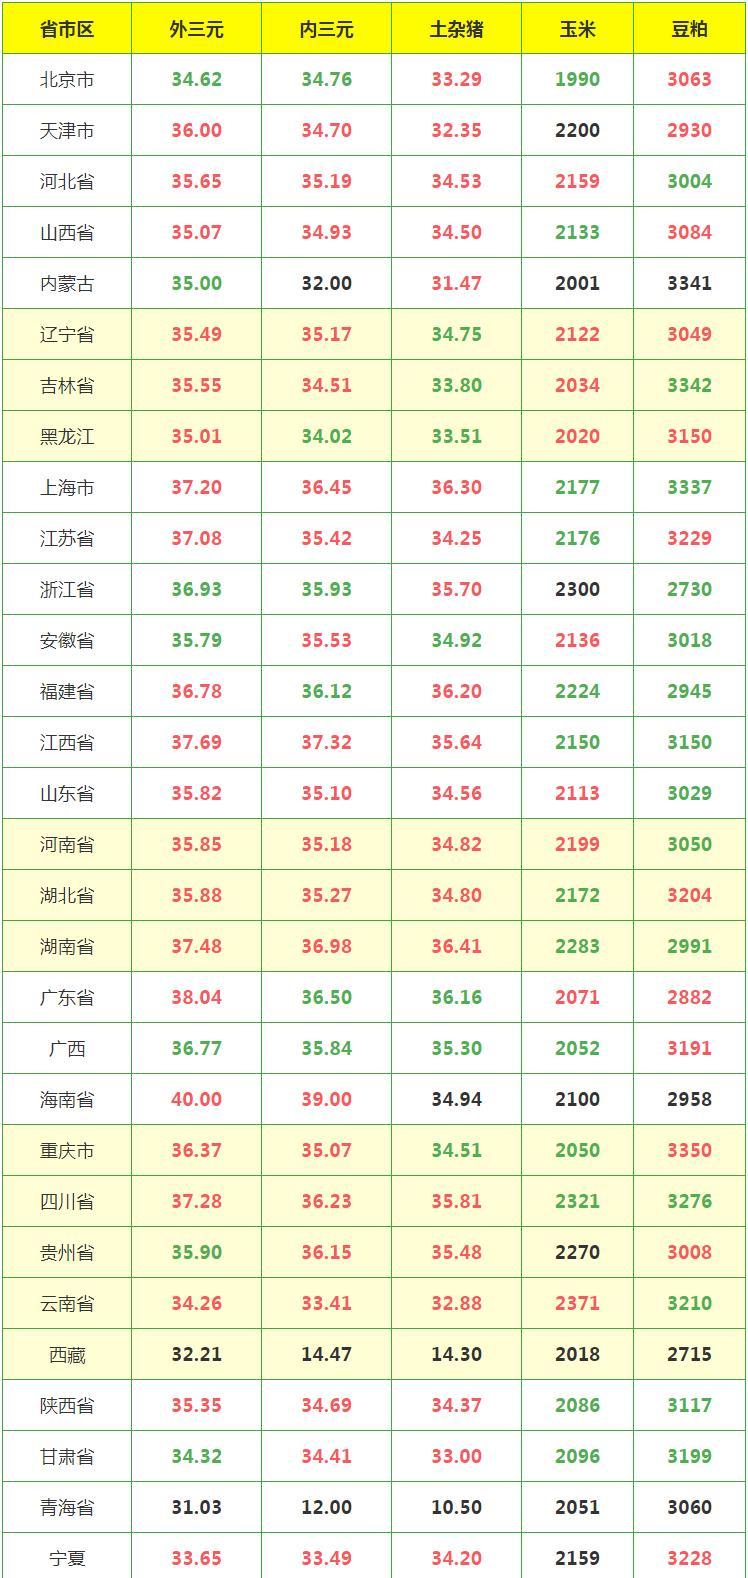 猪价继续上涨,最高已达40元!7月1日全国生猪价格涨跌表